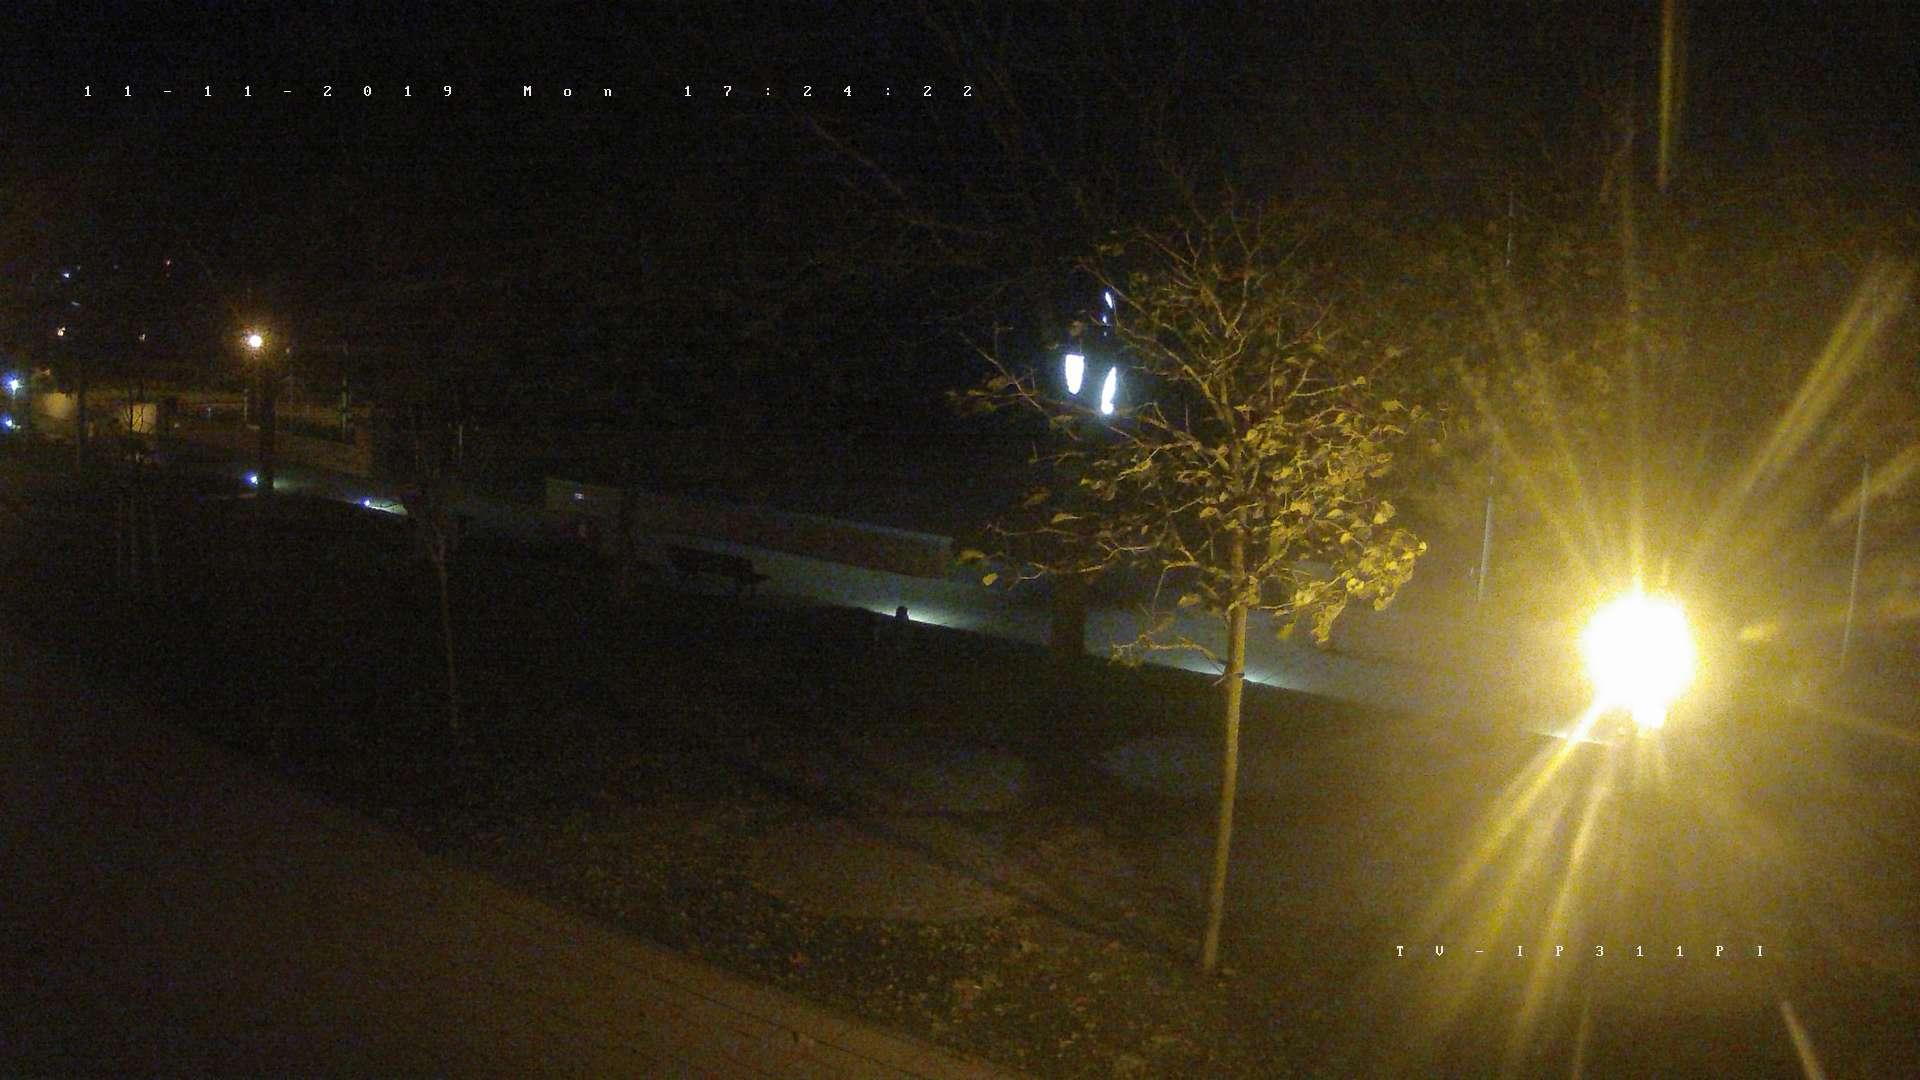 Webcam Wyk Auf Föhr Sandwall